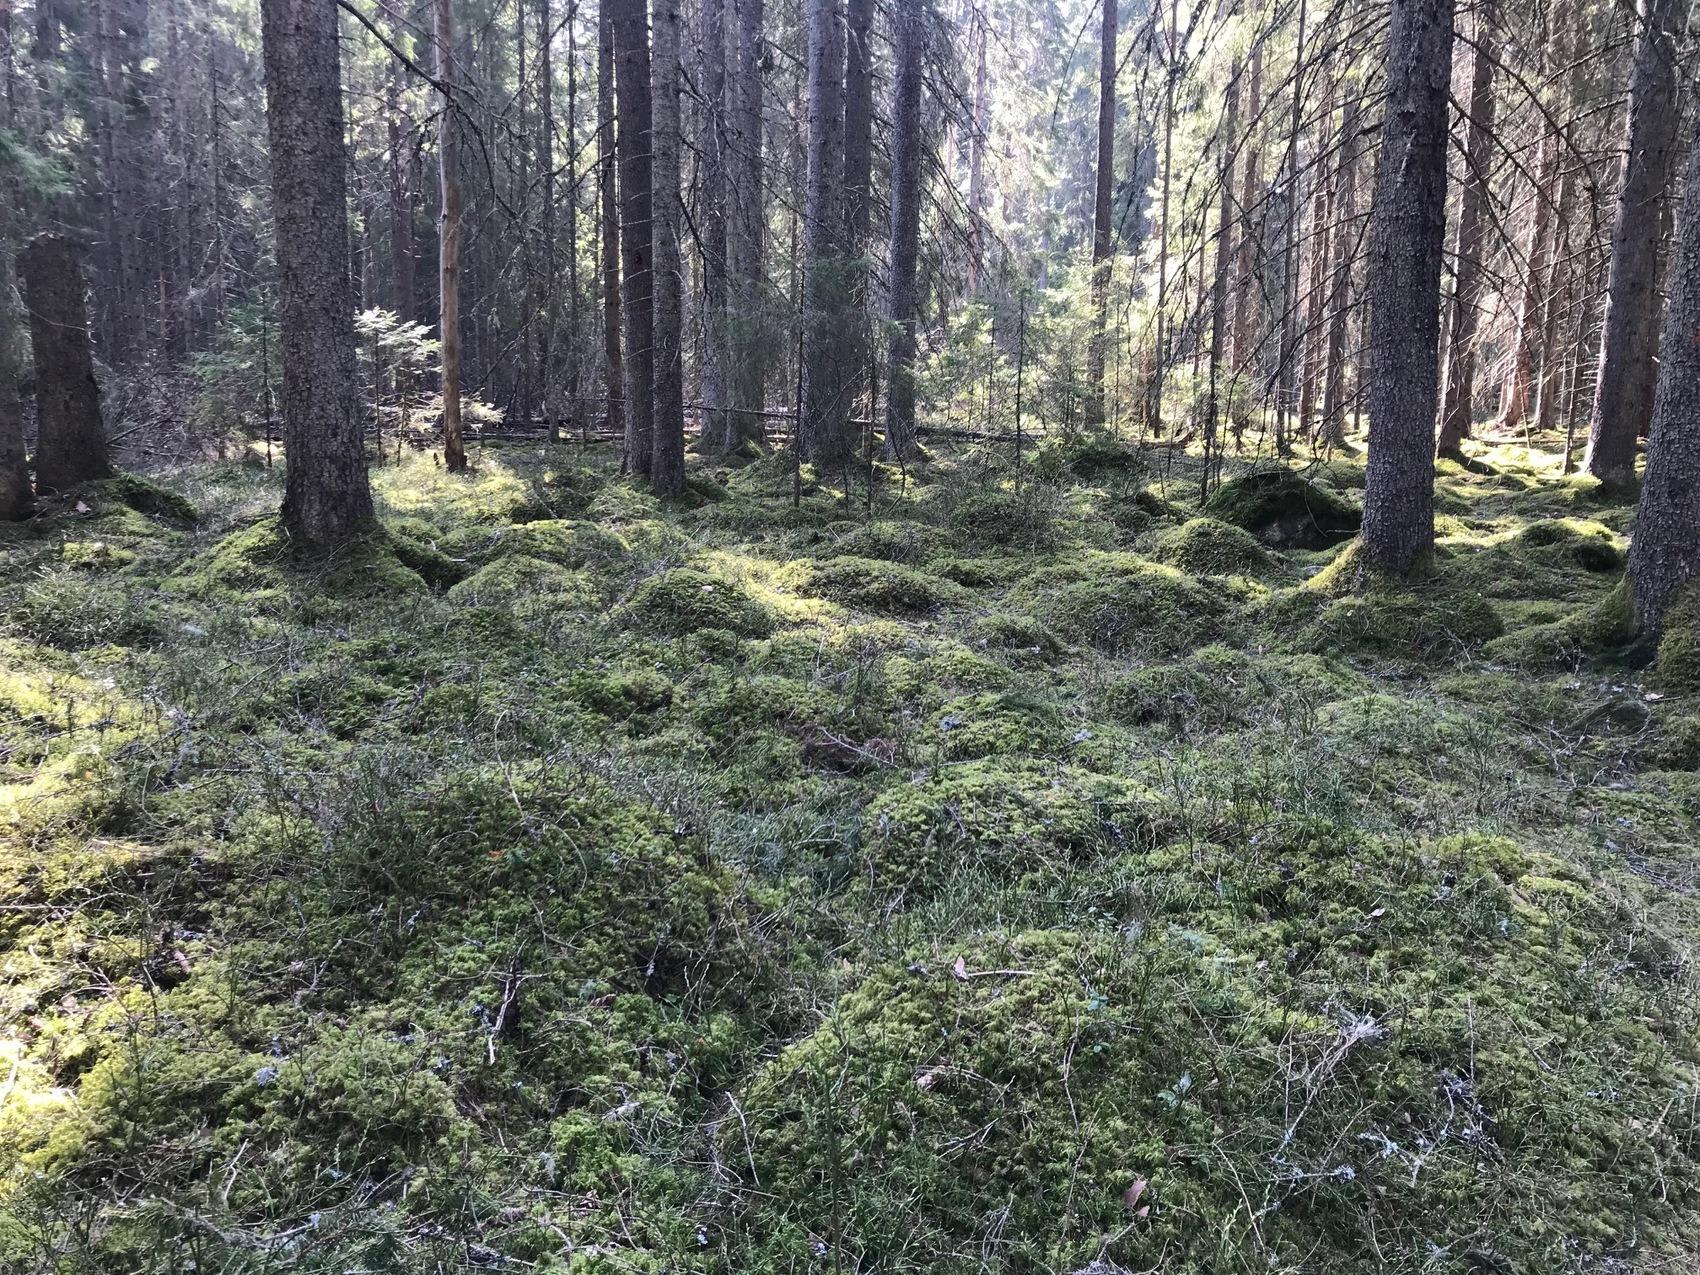 Skog med mycket mossa